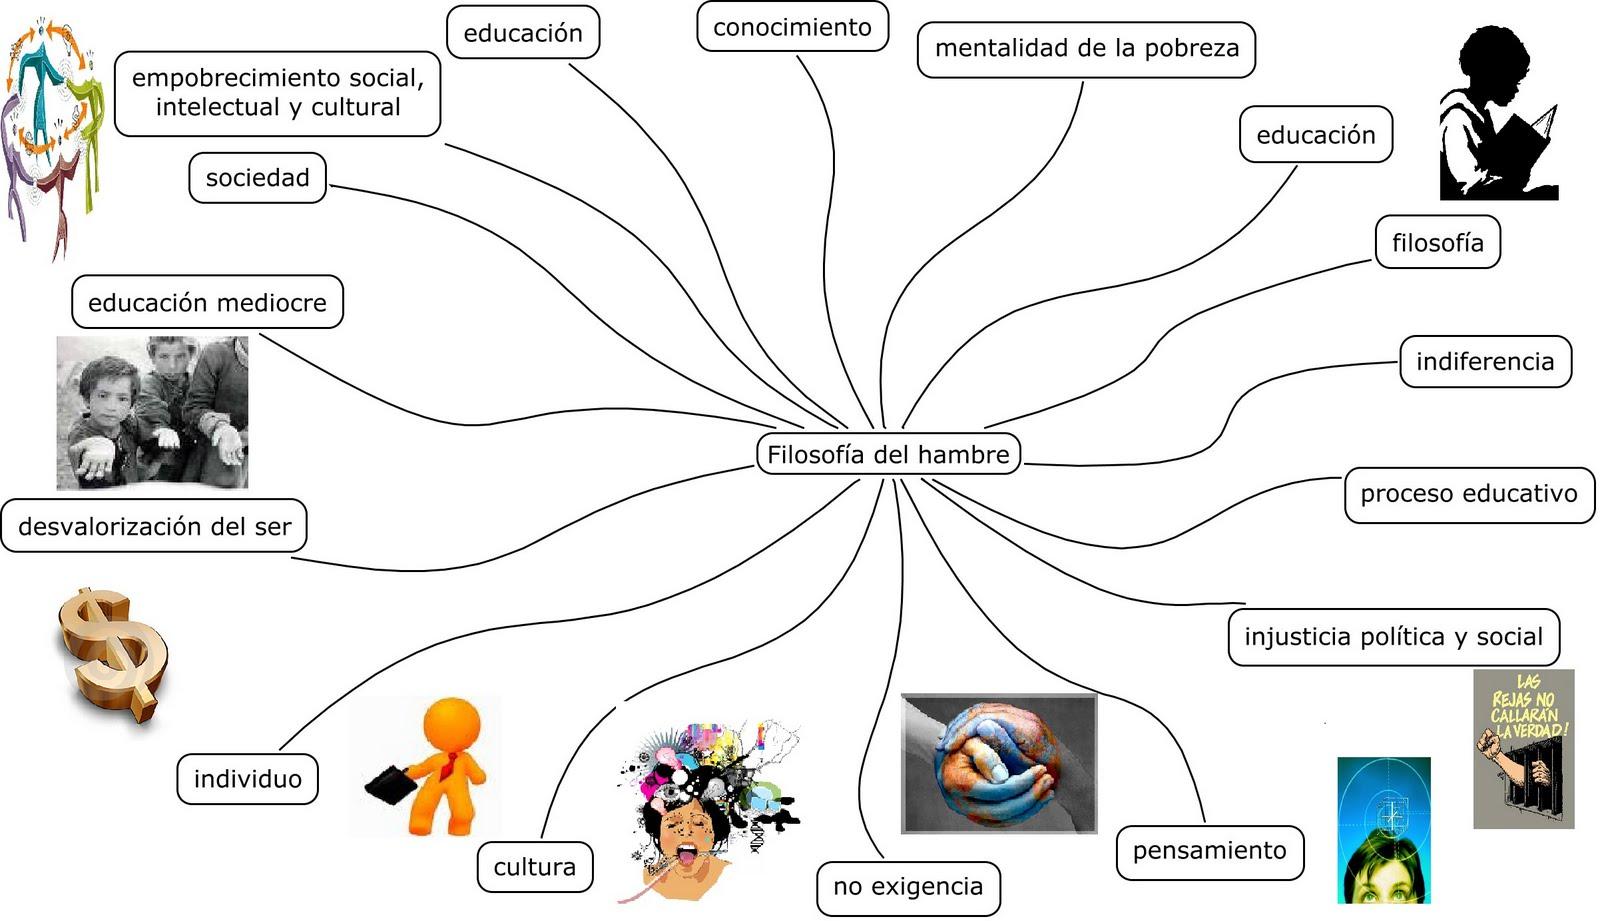 Mapa Mental, Conceptual y Mi Biografía